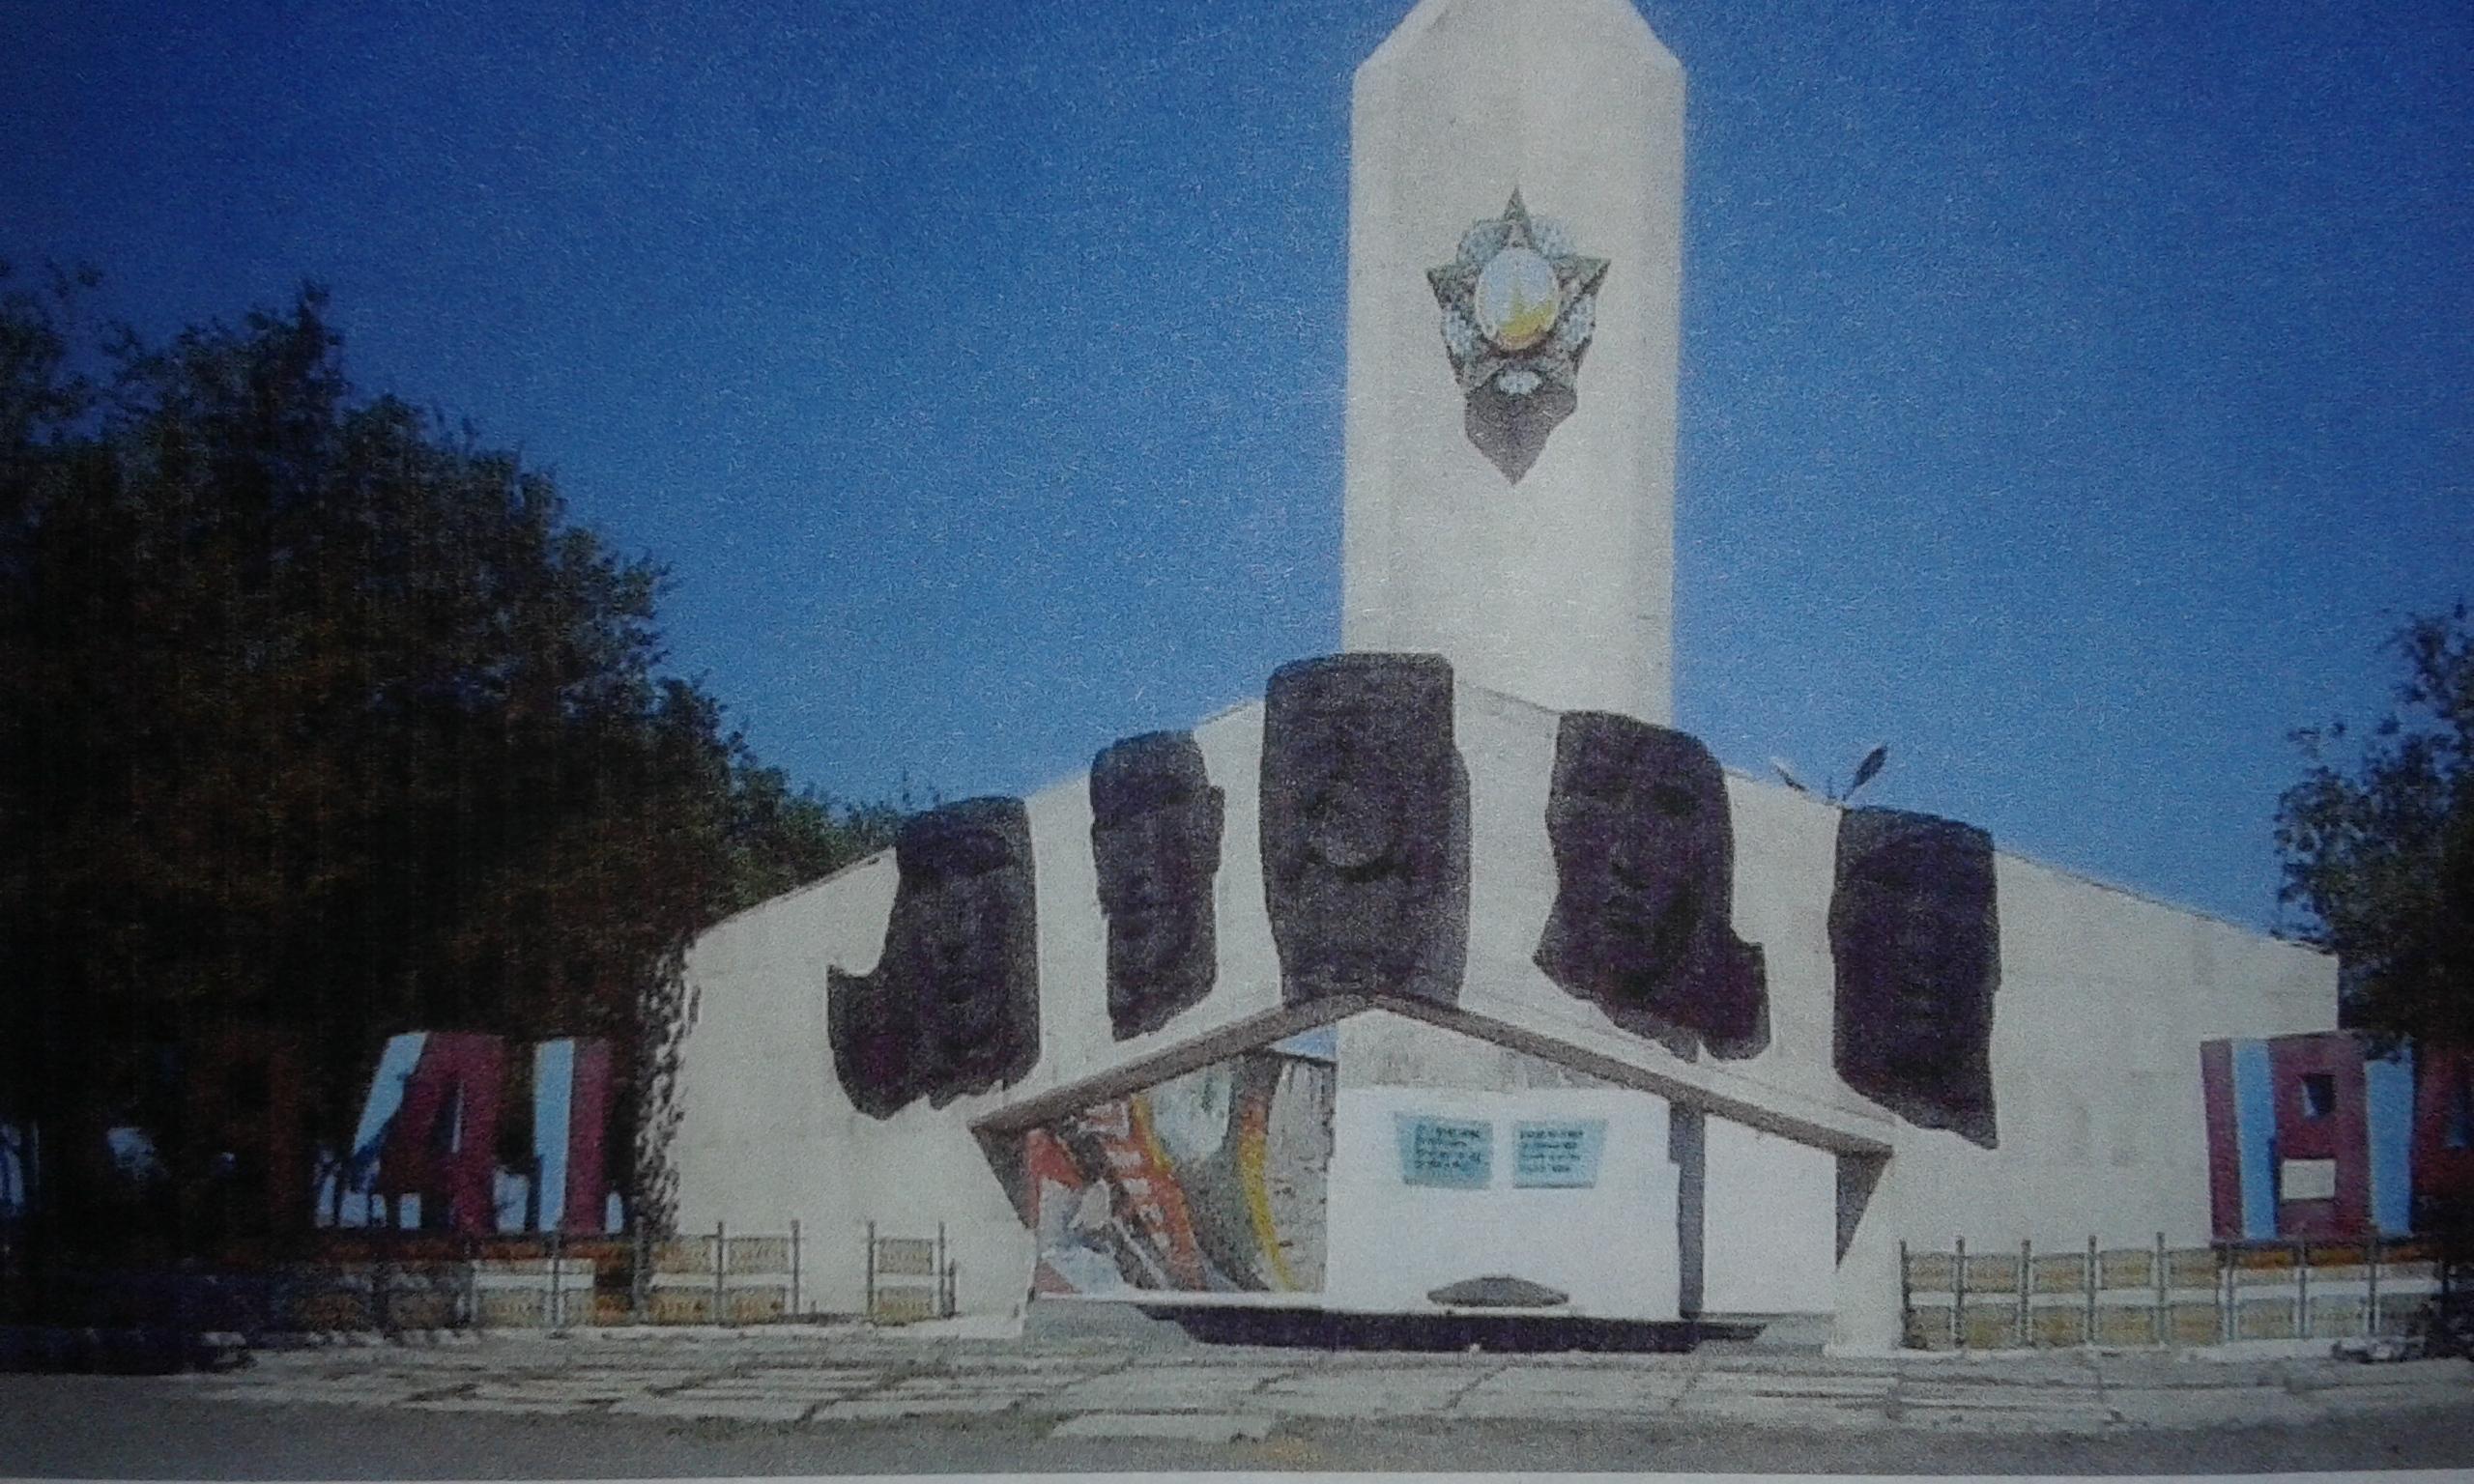 с. Жезды Улытауского р-на. Памятник воинам, погибшим в годы Великой Отечественной войне, был открыт в 1982 году. На мемориальных досках увековечены имена 689 воинов-земляков, не вернувшихся с войны.